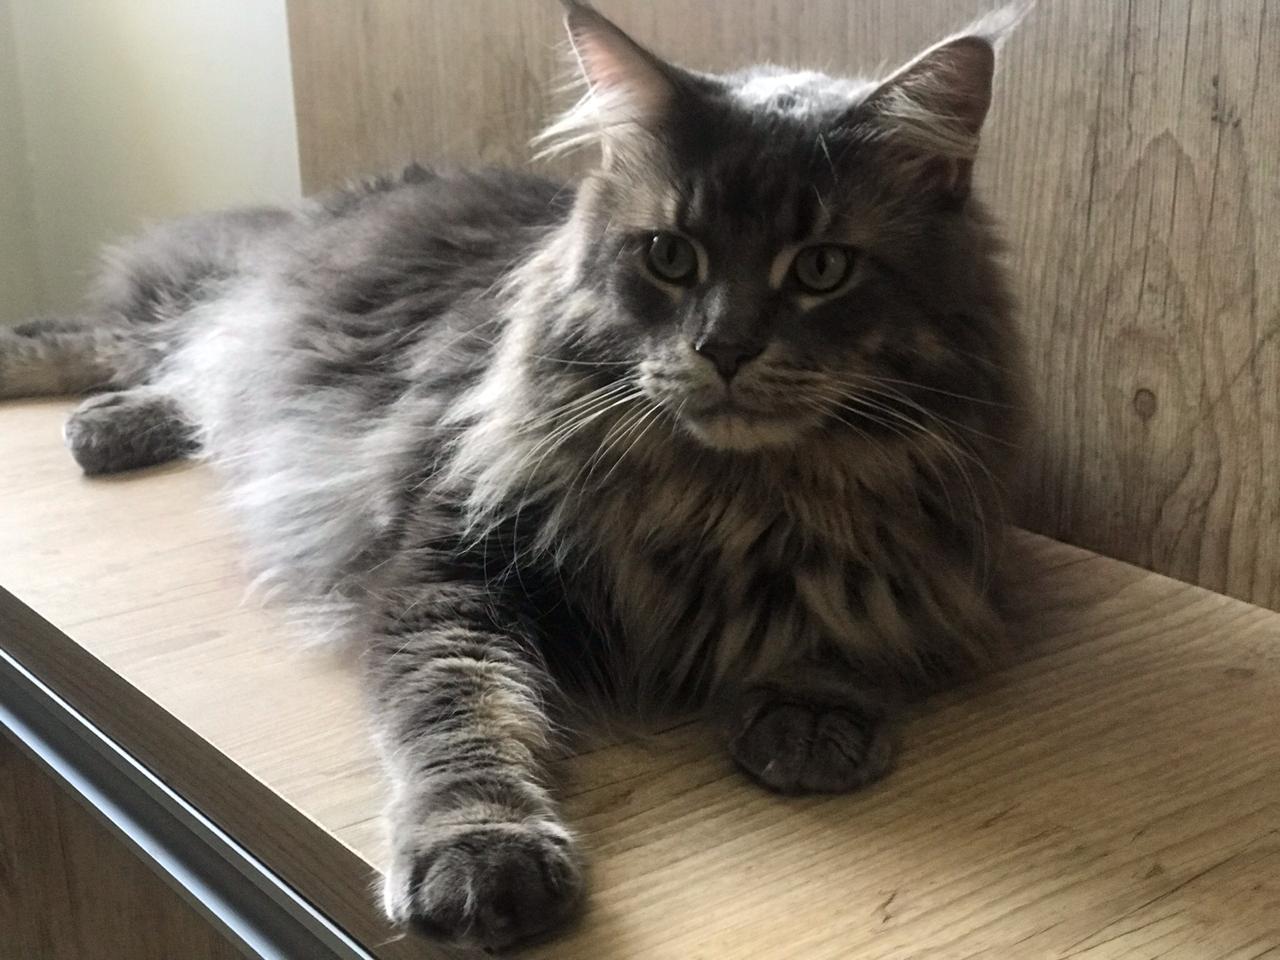 gato - Grávidas não precisam se desfazer dos seus gatinhos temendo toxoplasmose